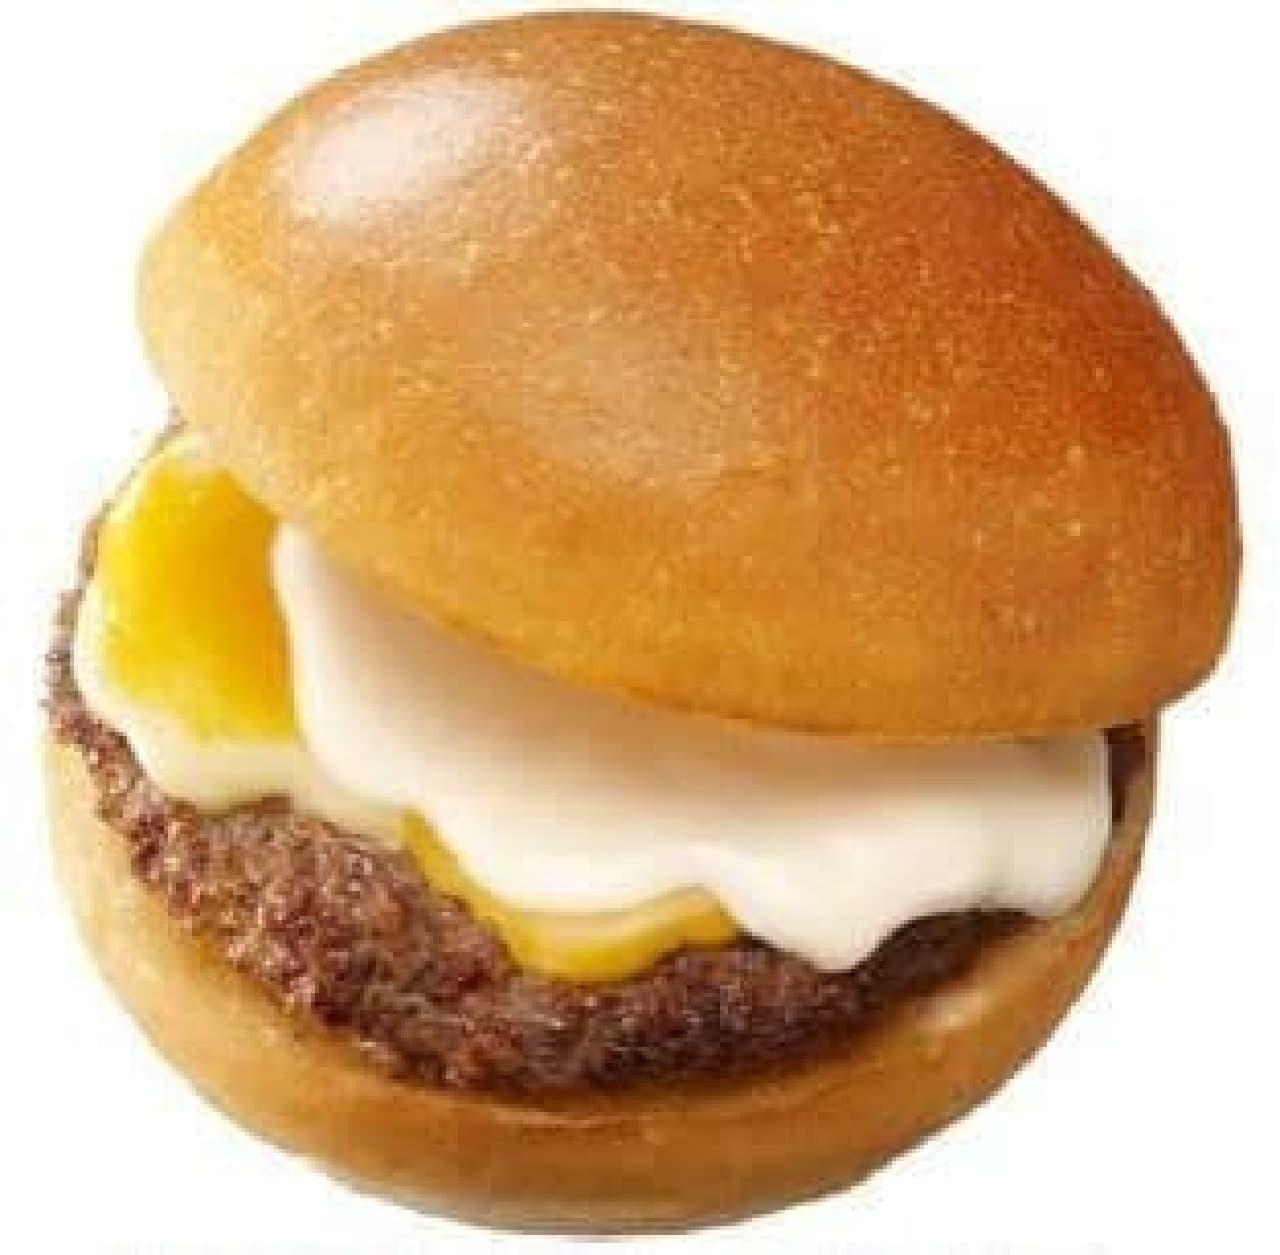 期間限定!「3種のとろける絶品チーズバーガー」